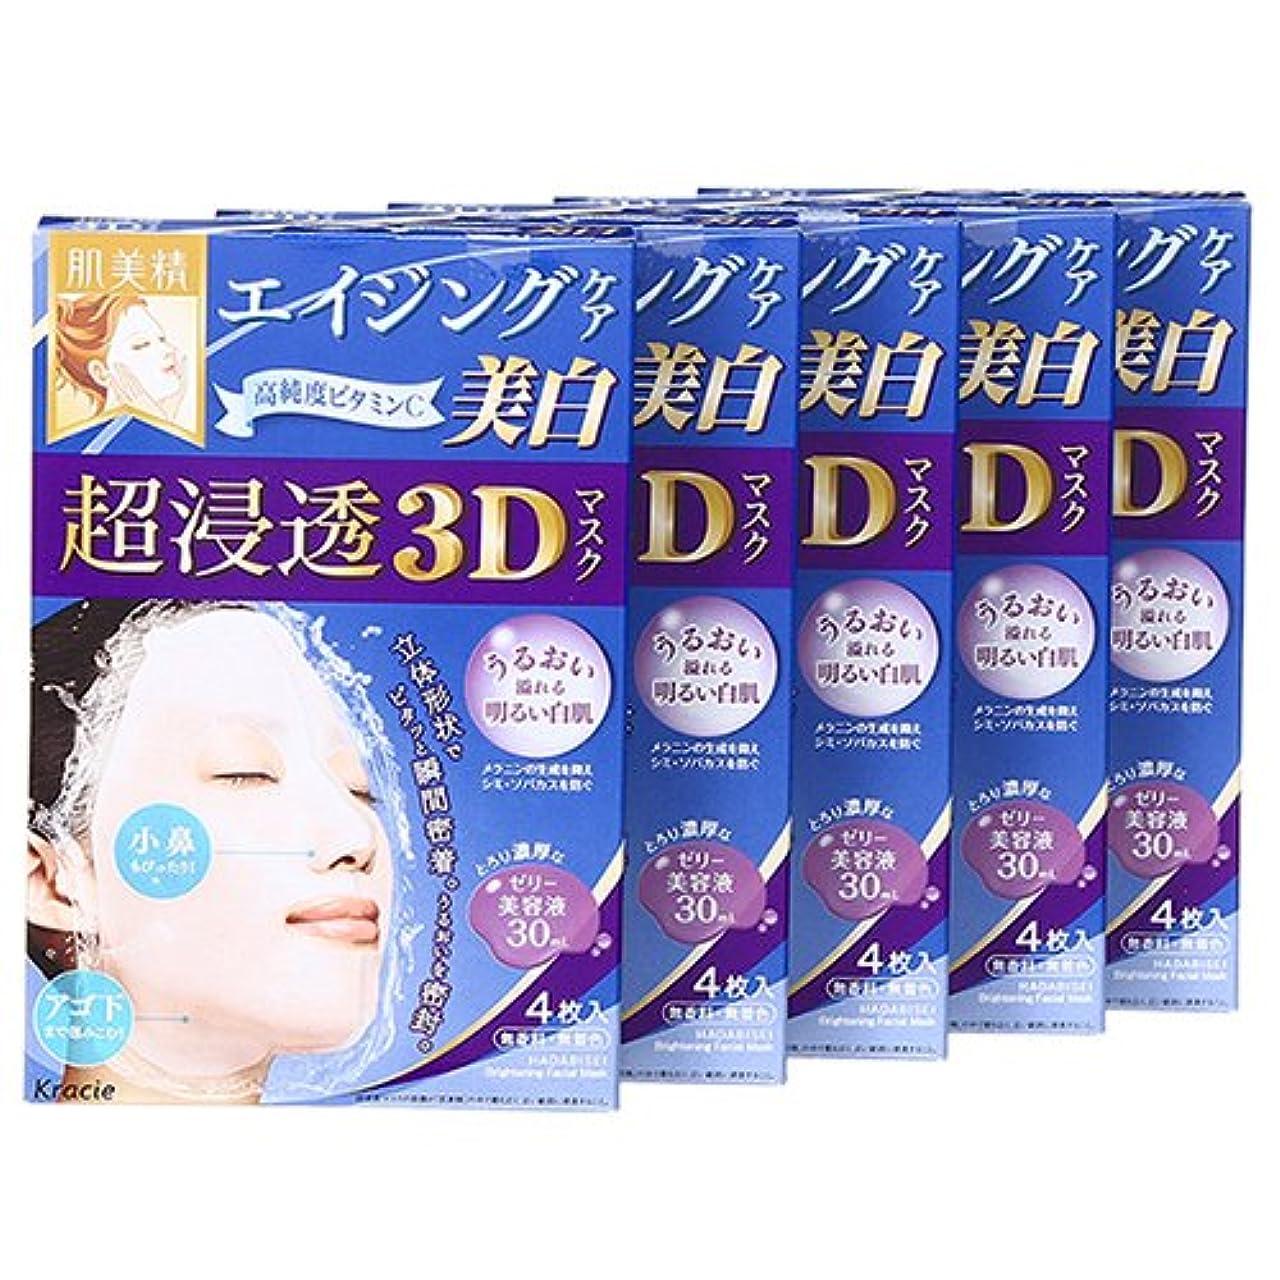 低い甘味ファイタークラシエホームプロダクツ 肌美精 超浸透3Dマスク エイジングケア(美白) 4枚入 (美容液30mL/1枚) 5点セット [並行輸入品]